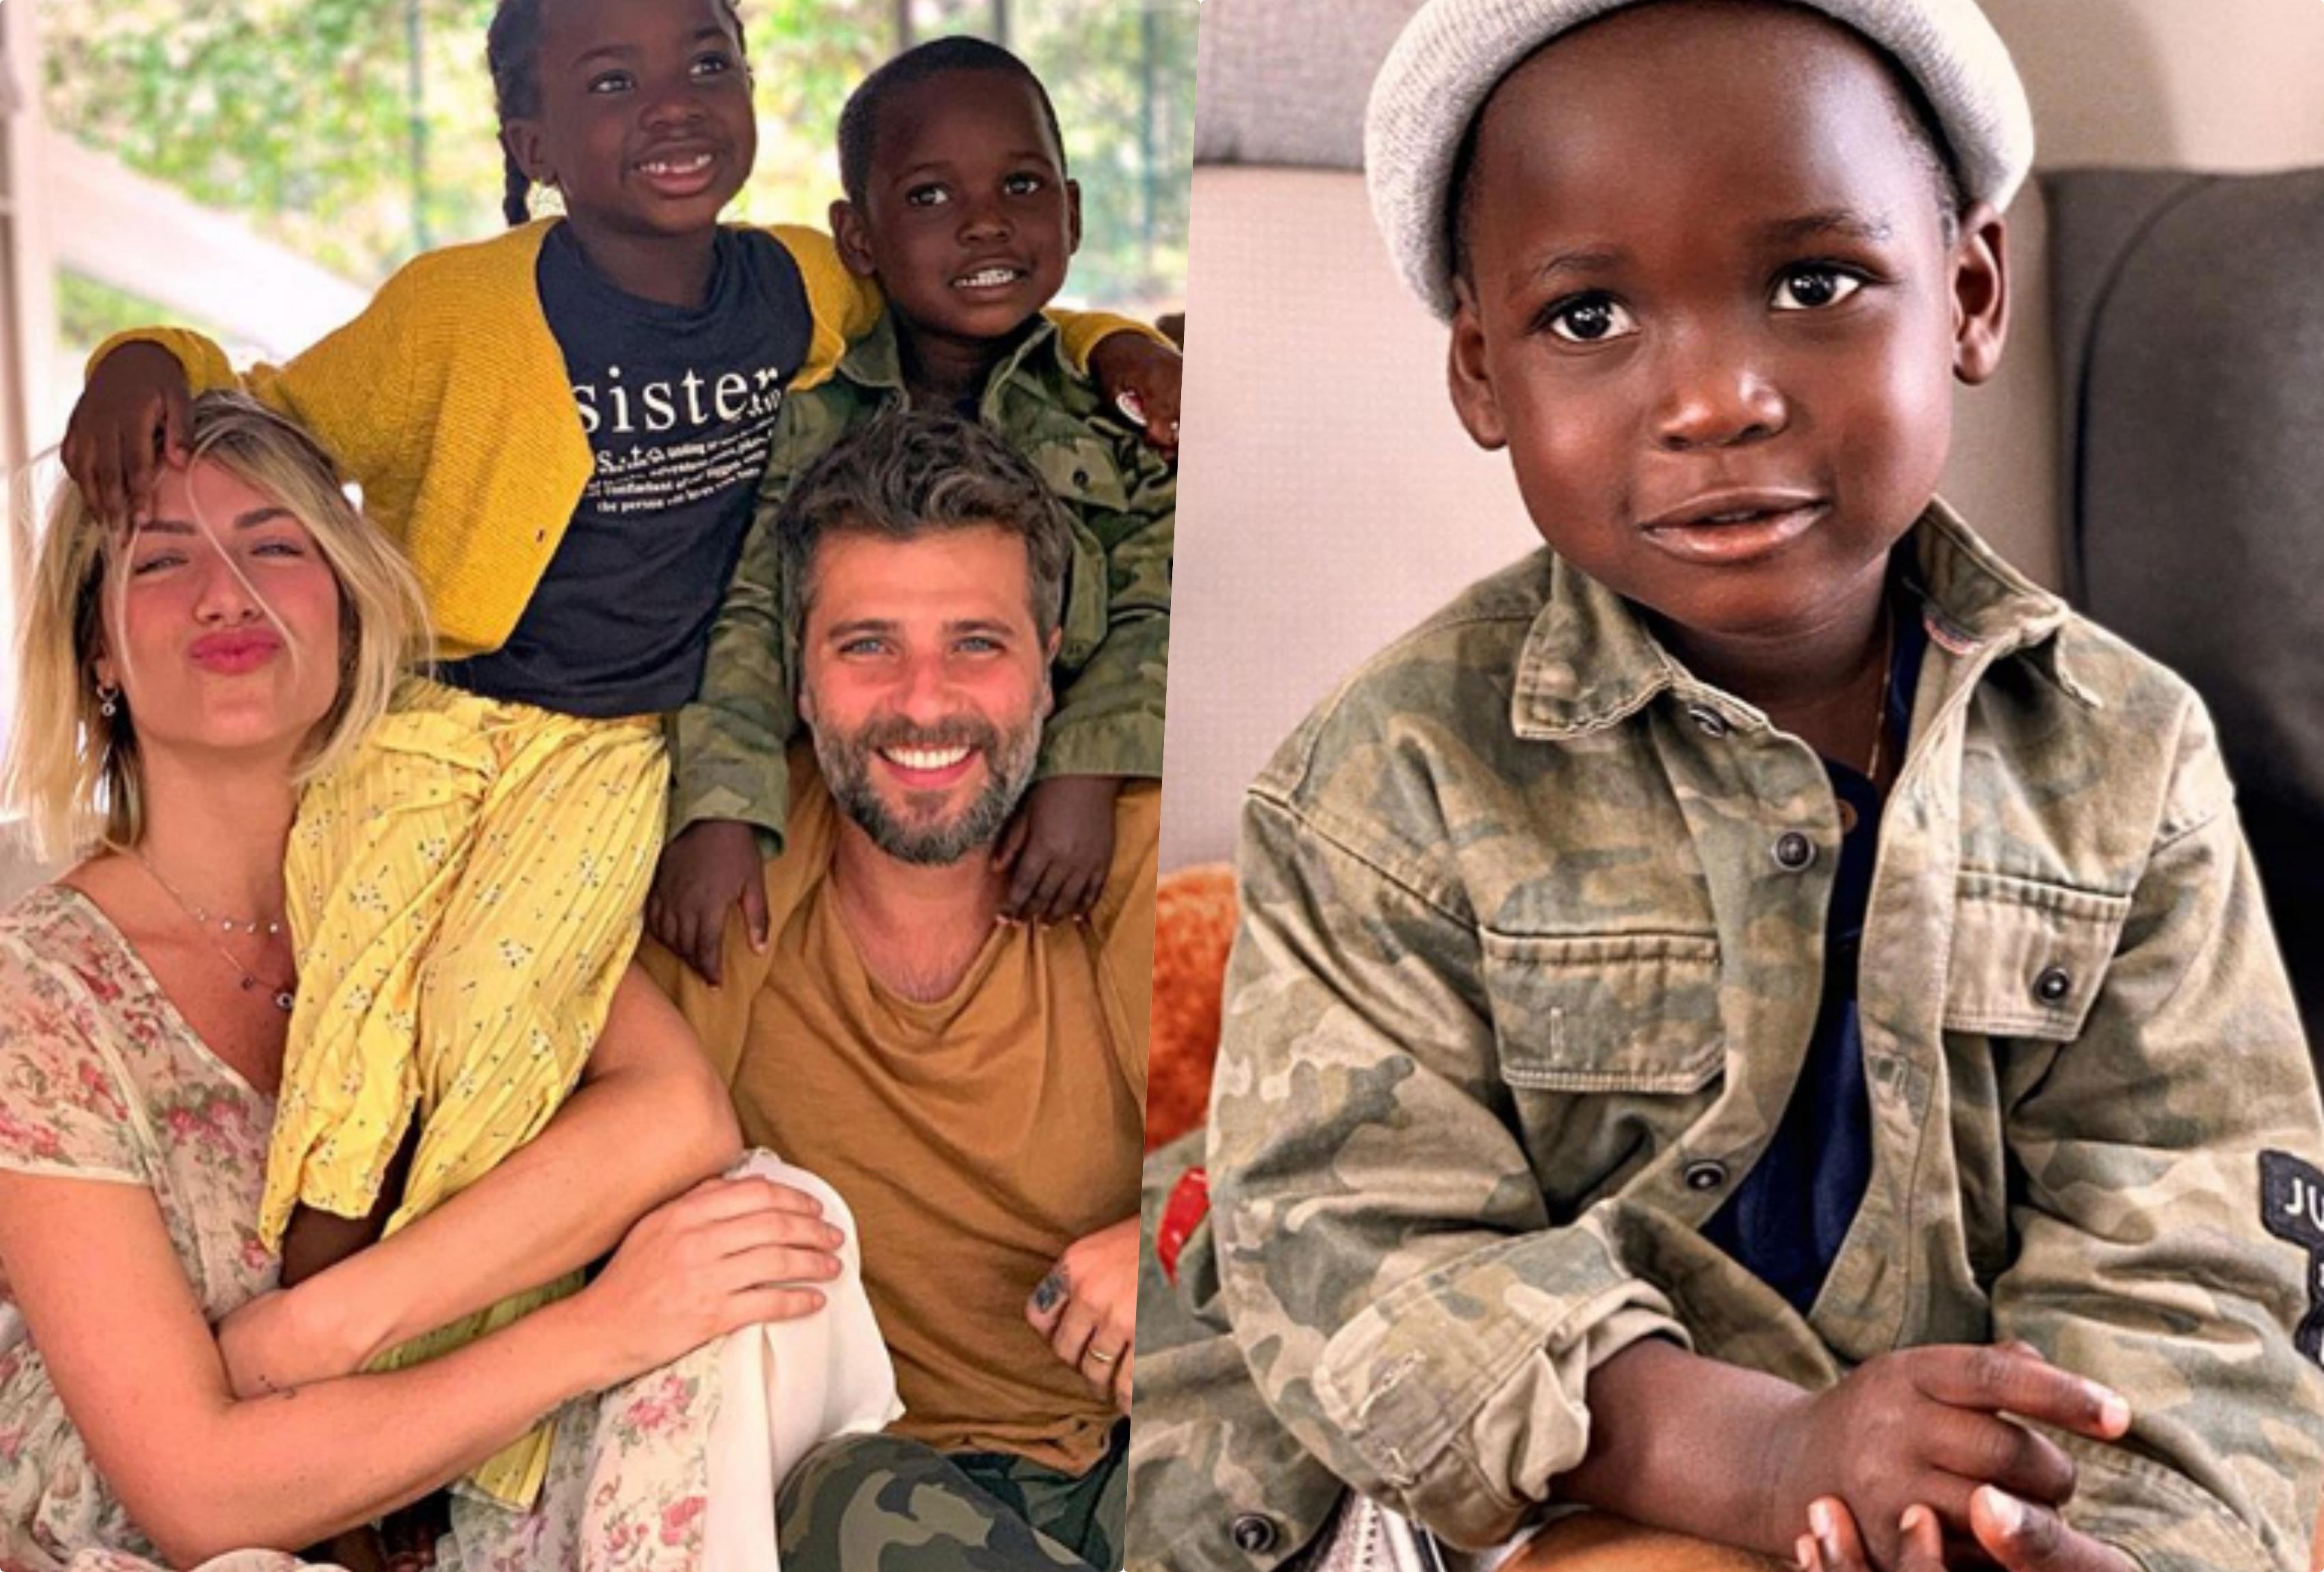 Bruno Gagliasso e Giovanna Ewbank apresentaram o novo filho deles Bless (Foto reprodução Instagram)